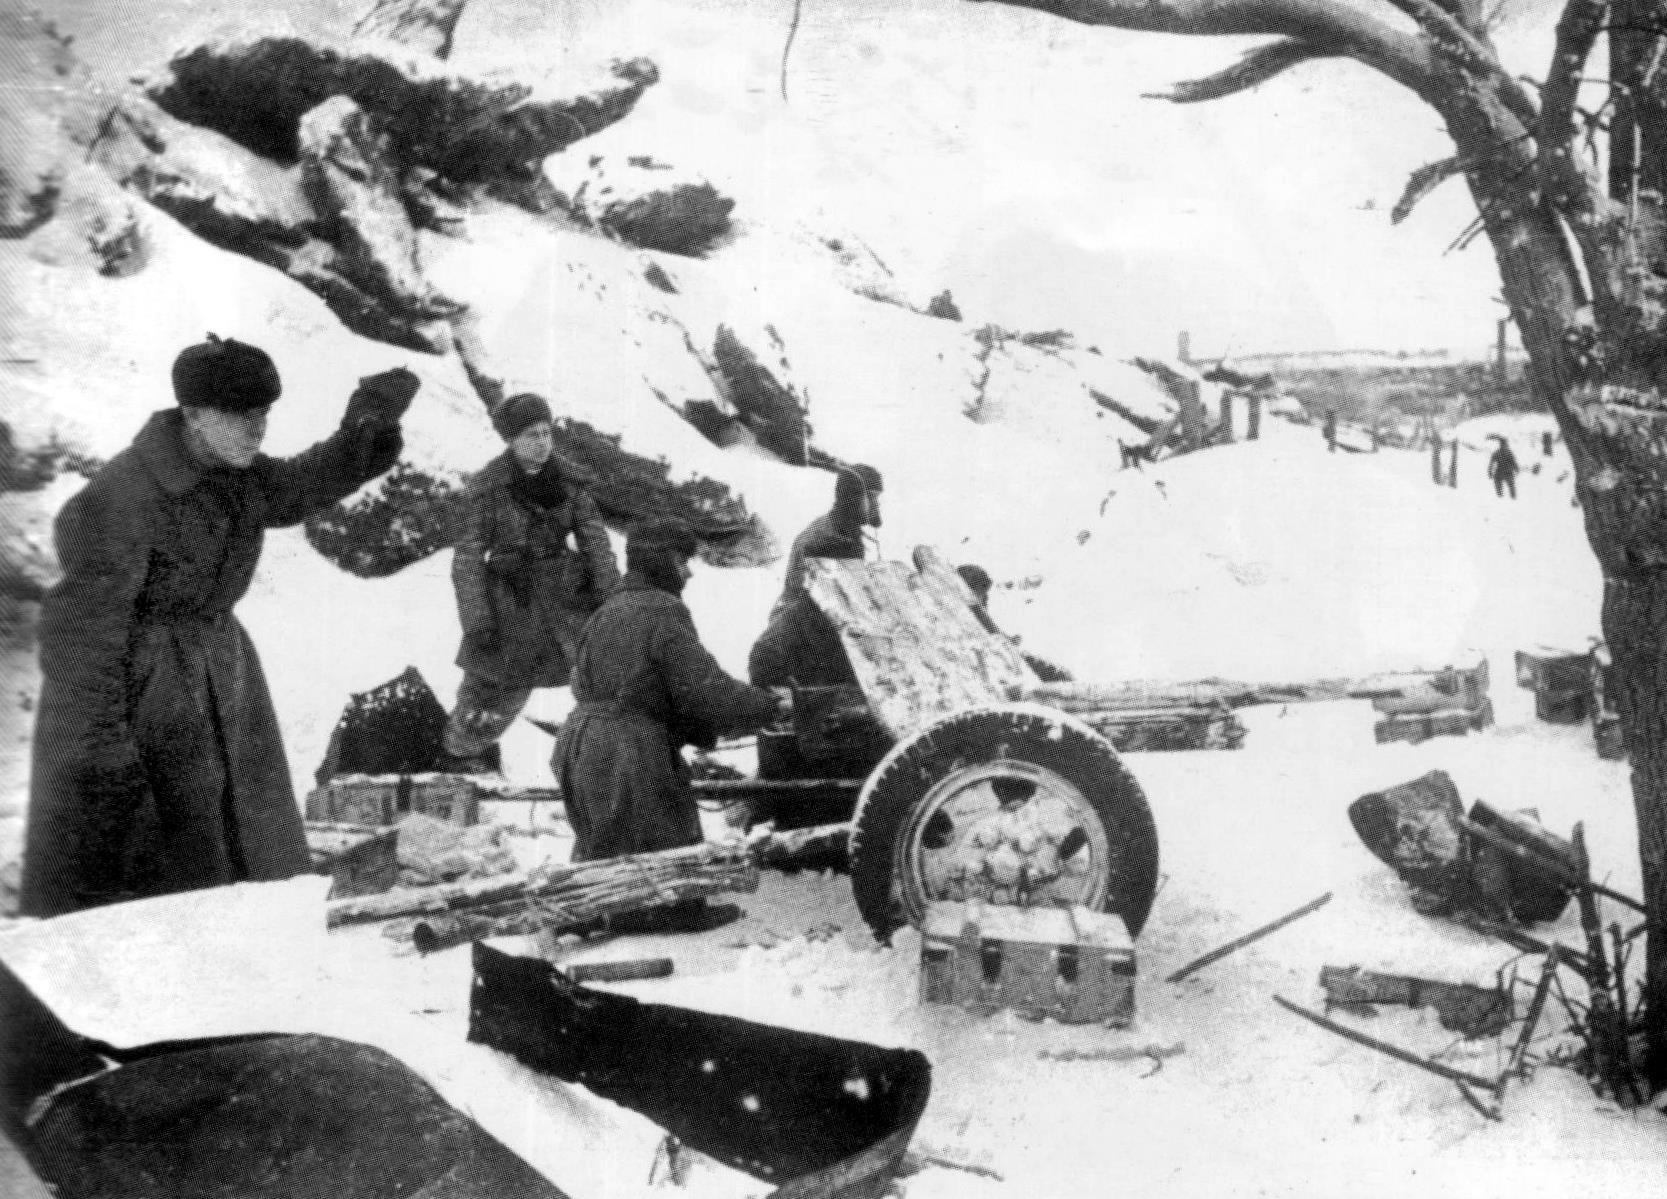 45-мм противотанковая пушка ведет бой зимой